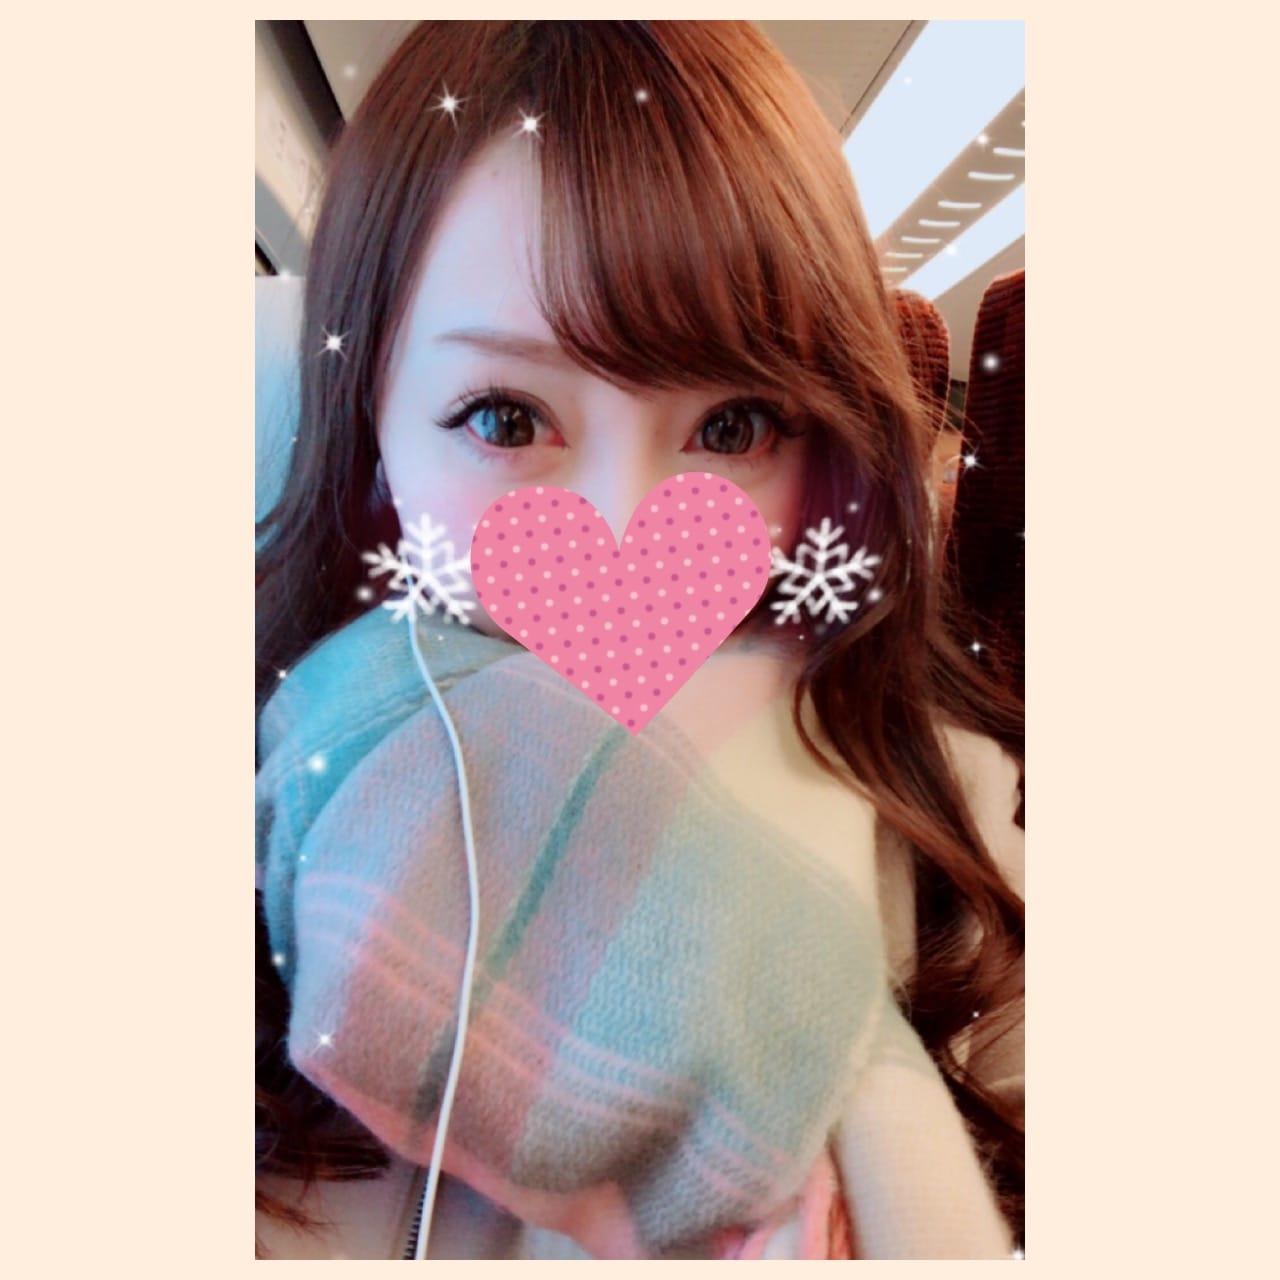 ネネ「今日も♡」12/12(火) 16:08 | ネネの写メ・風俗動画